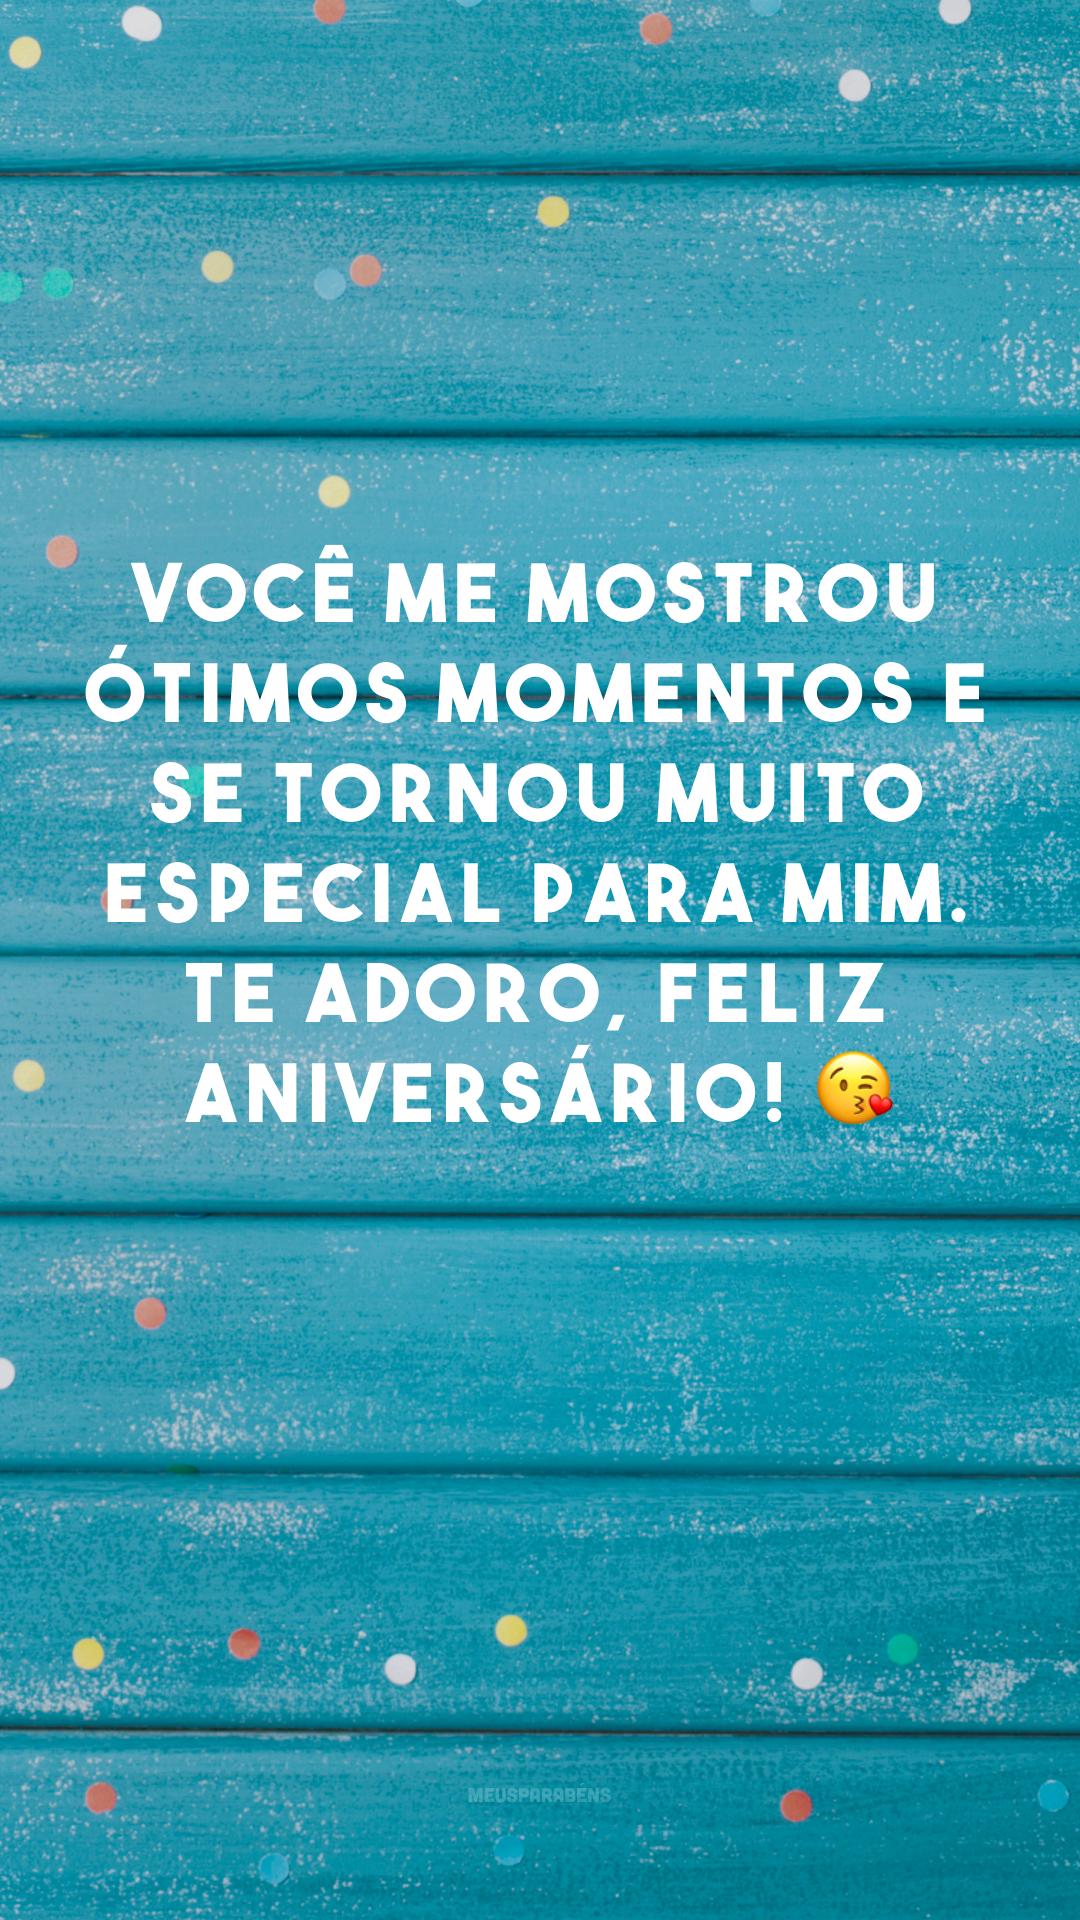 Você me mostrou ótimos momentos e se tornou muito especial para mim. Te adoro, feliz aniversário! 😘